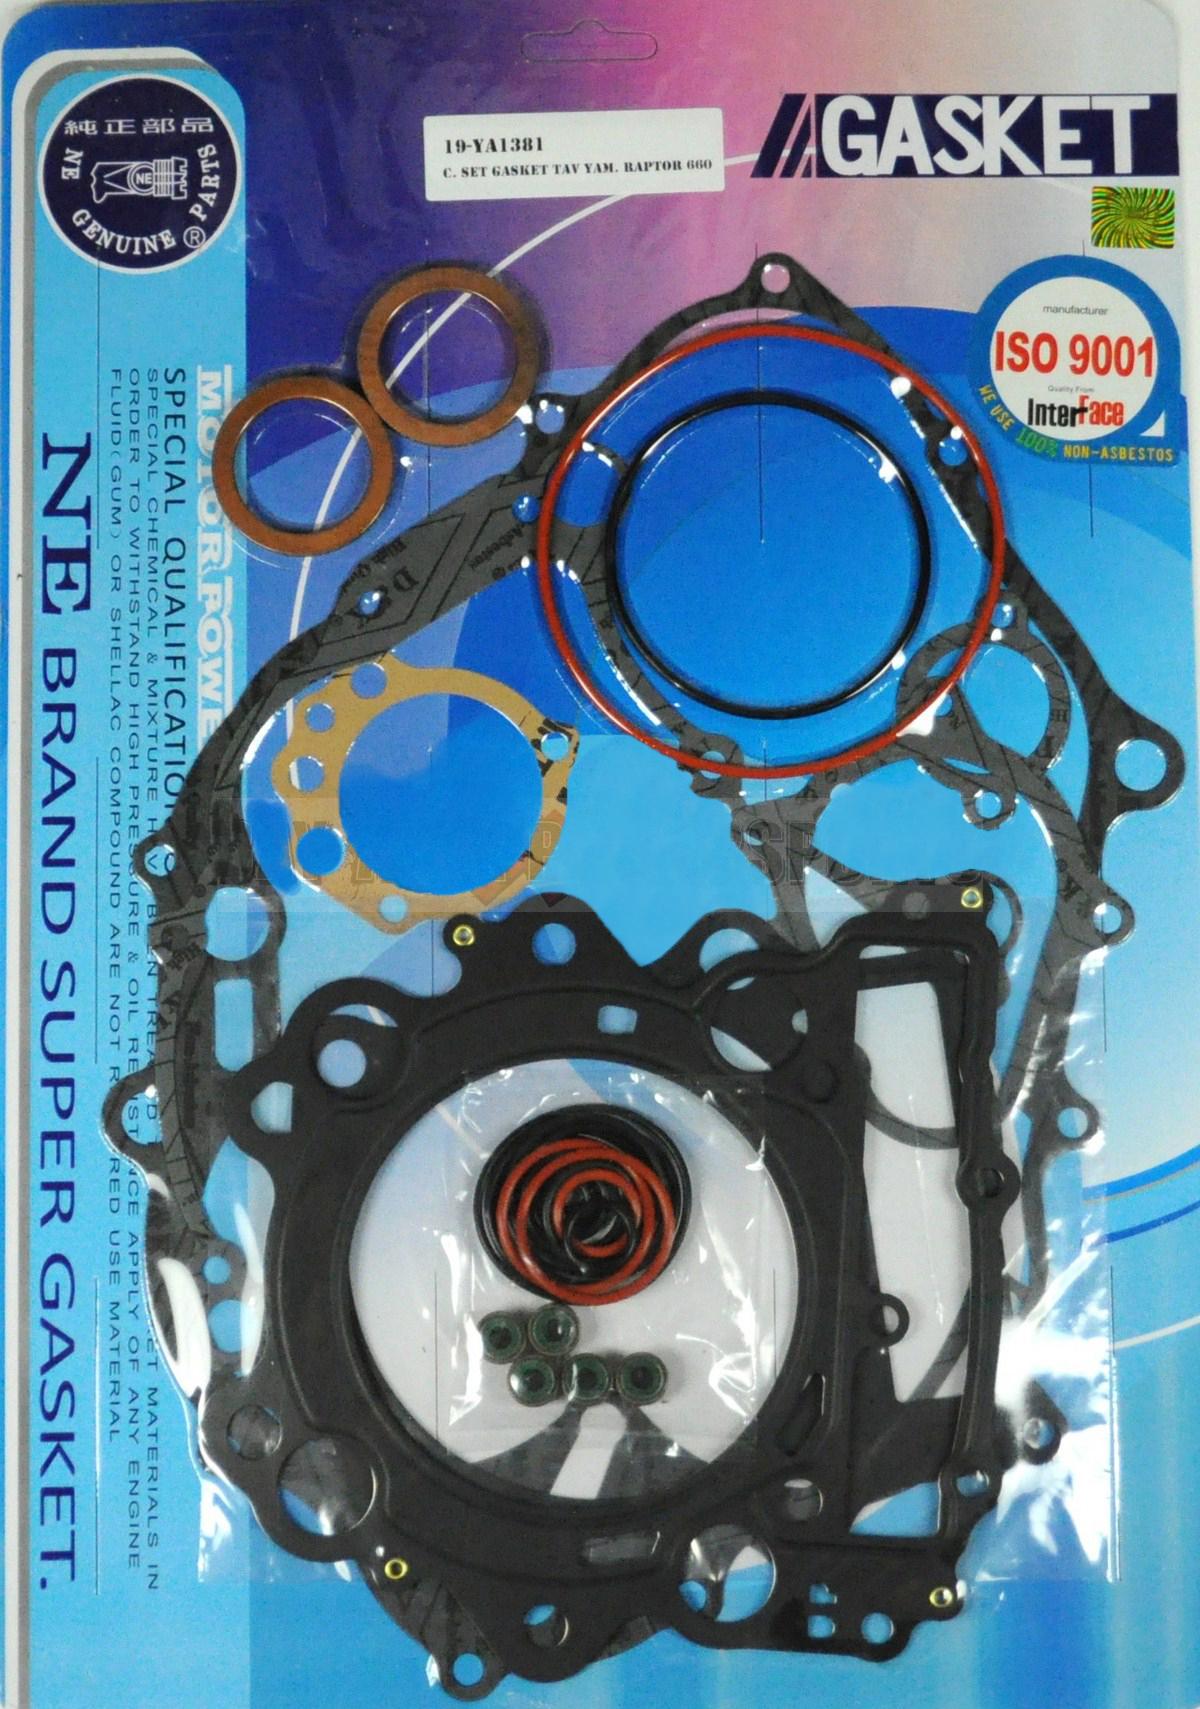 Yamaha Raptor 660 Complete Rebuild Engine Gasket Kit 2001 2005 01 02 03 04 05